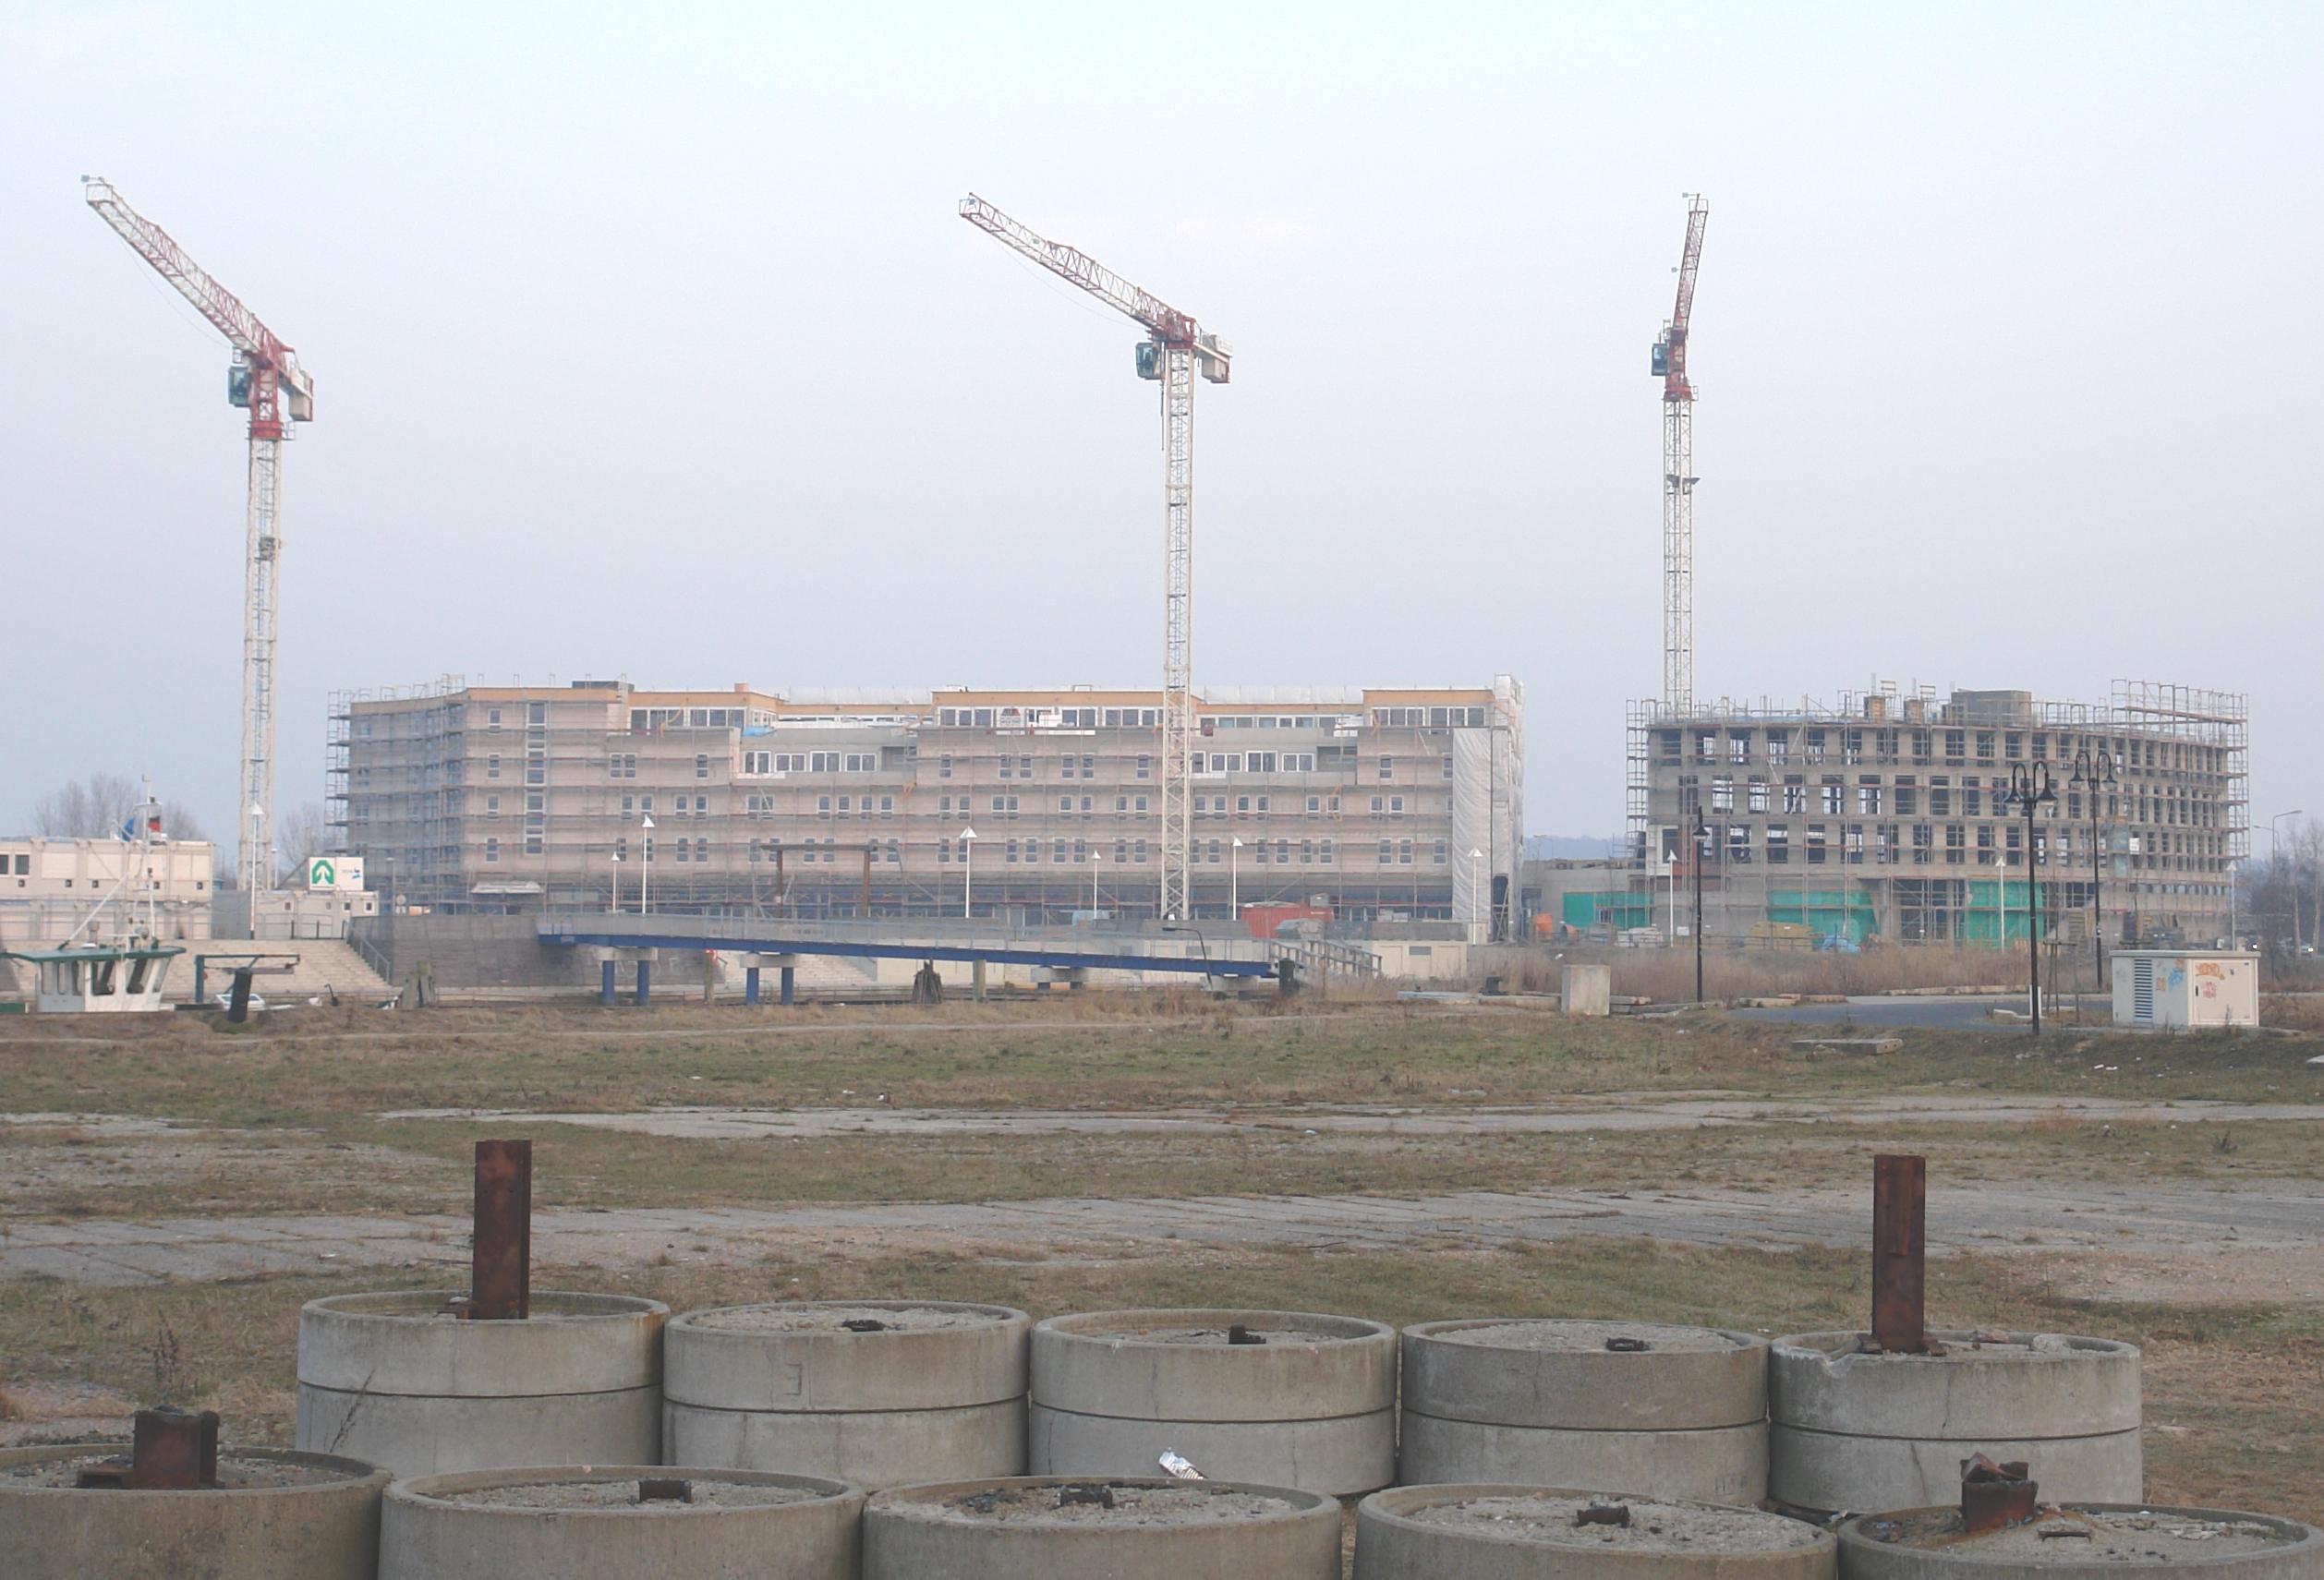 Das Foto zeigt zwei große Gebäude, bei denen drei Kräne stehen.